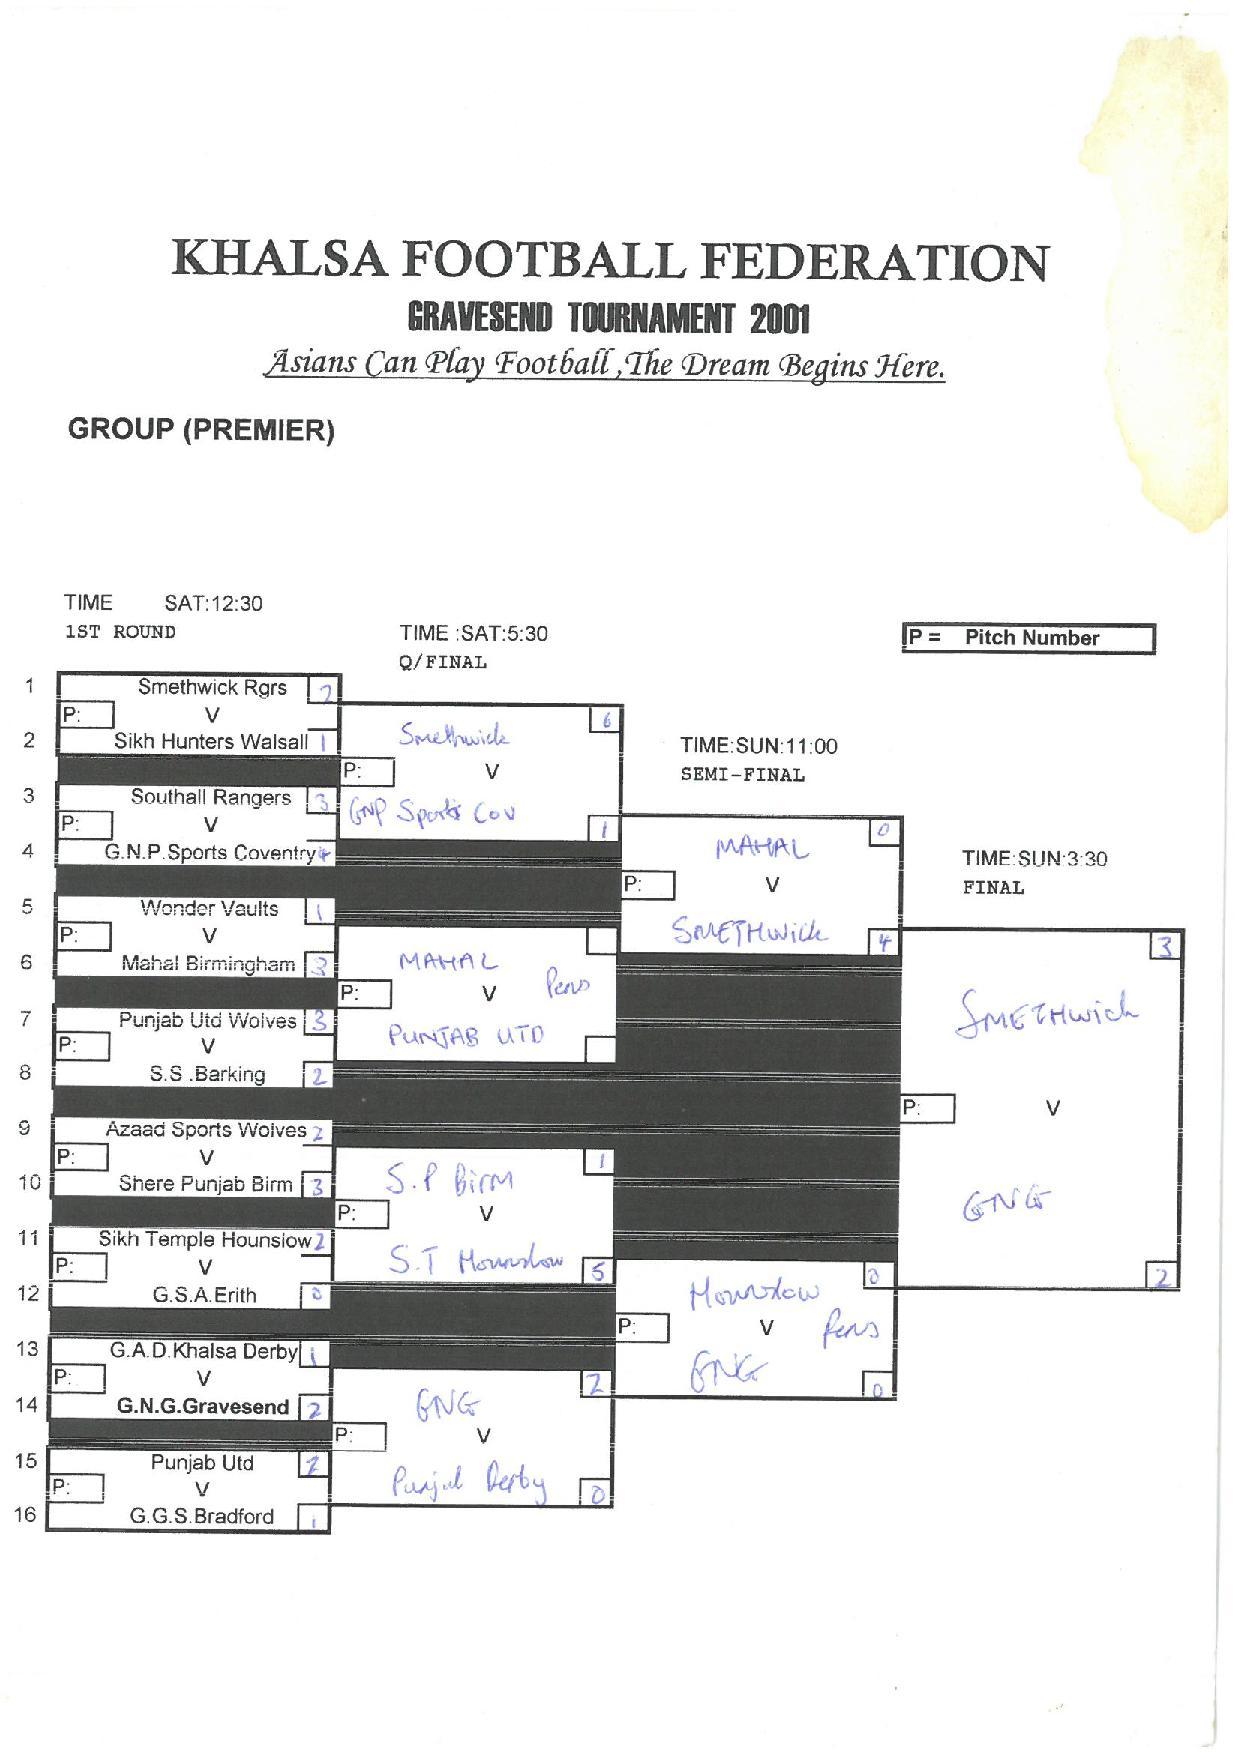 KFF Gravesend Tournament Premier Div 2001